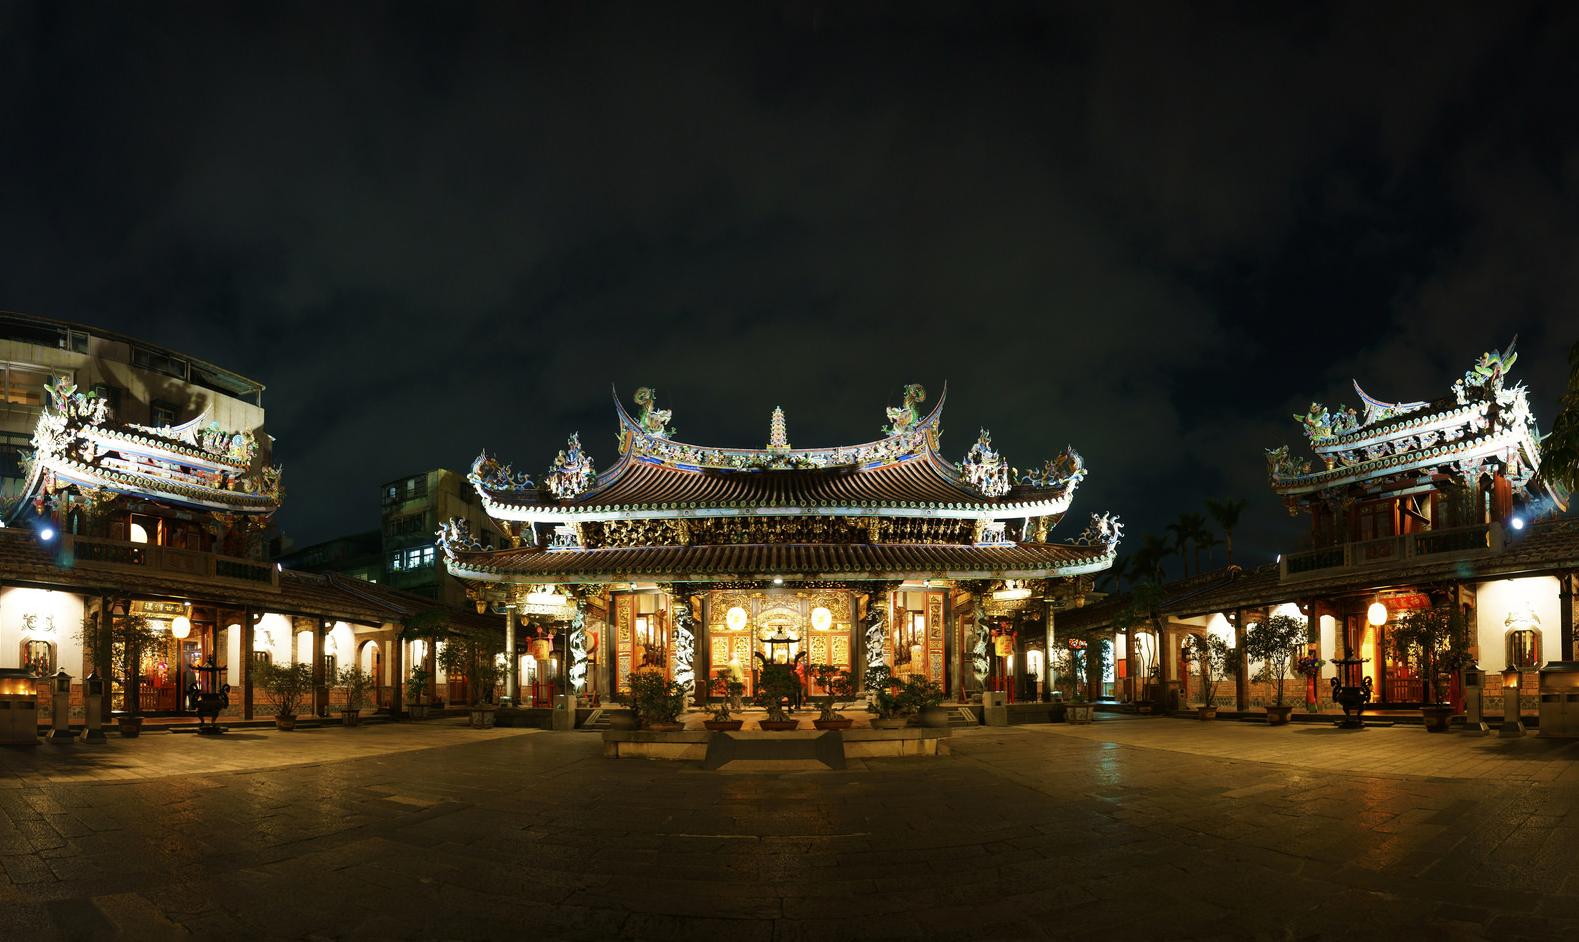 不看不知道,一看嚇一跳!歷時2個月,台北最盛大文化慶典????保安文化祭